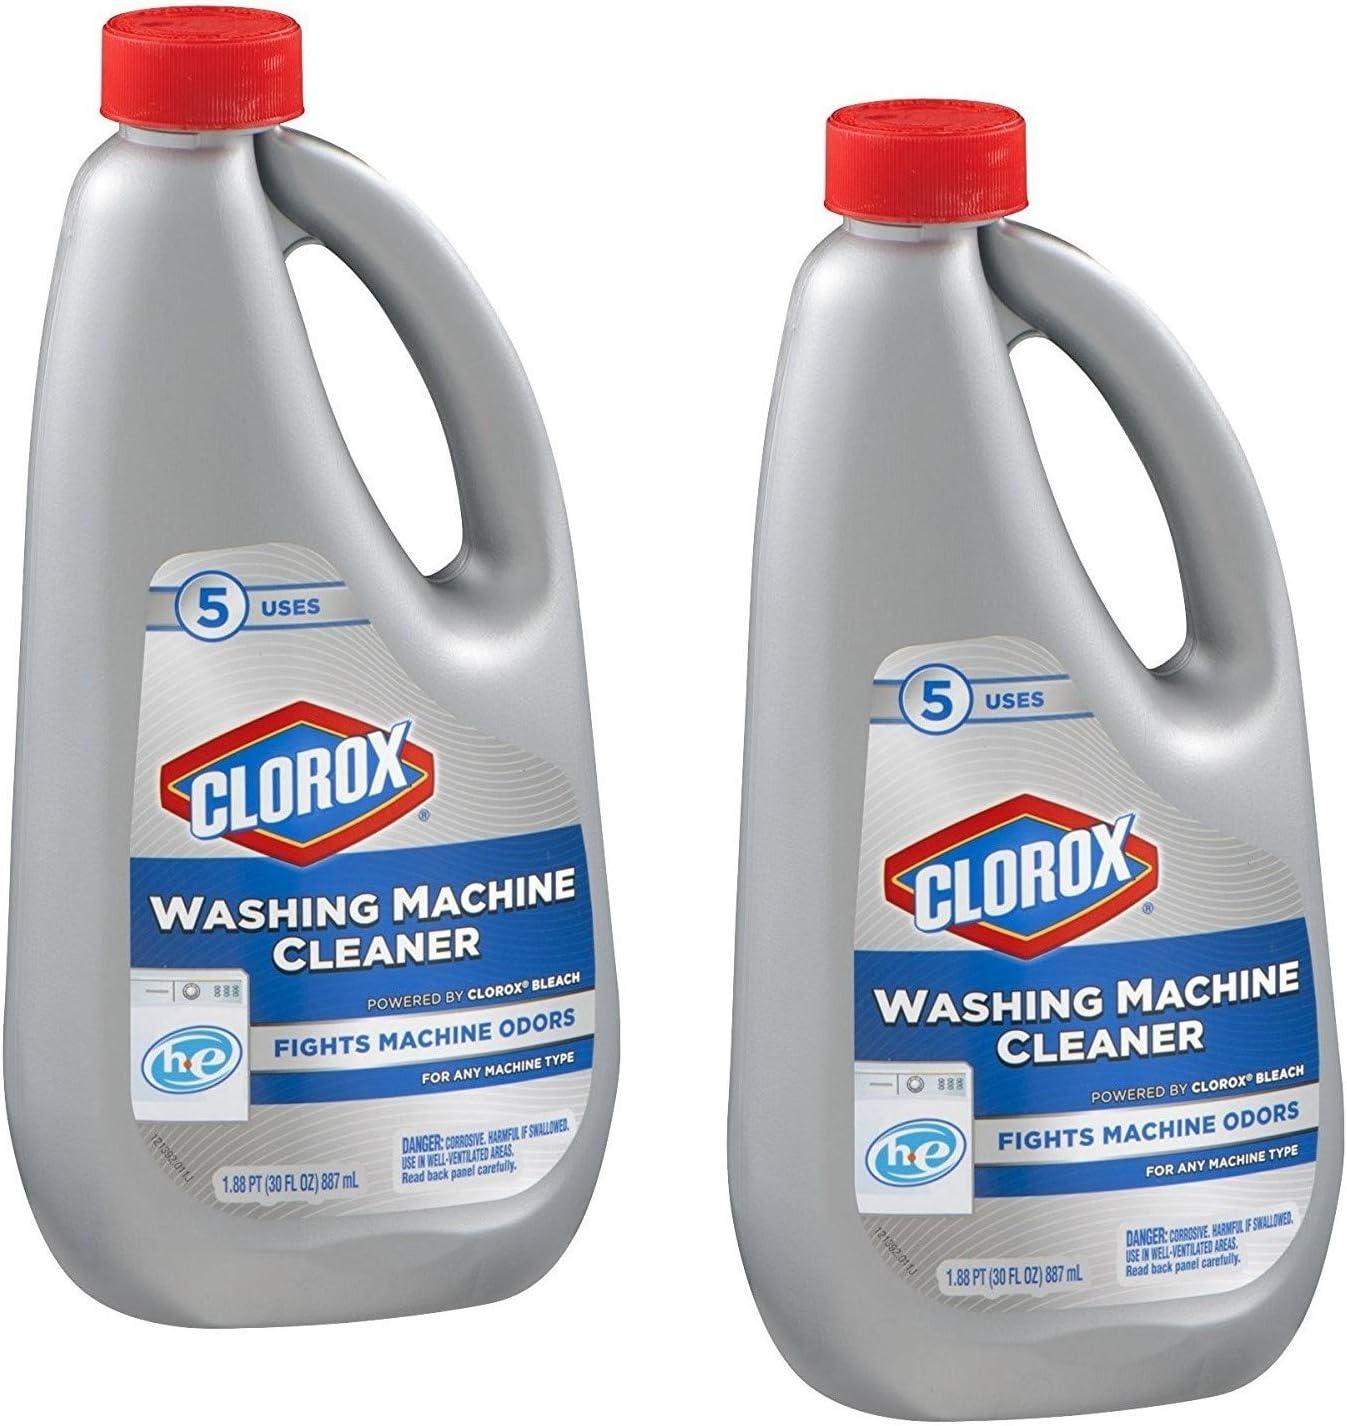 Amazon.com: Clorox - Limpiador para lavadora, VAR, 2: Health ...